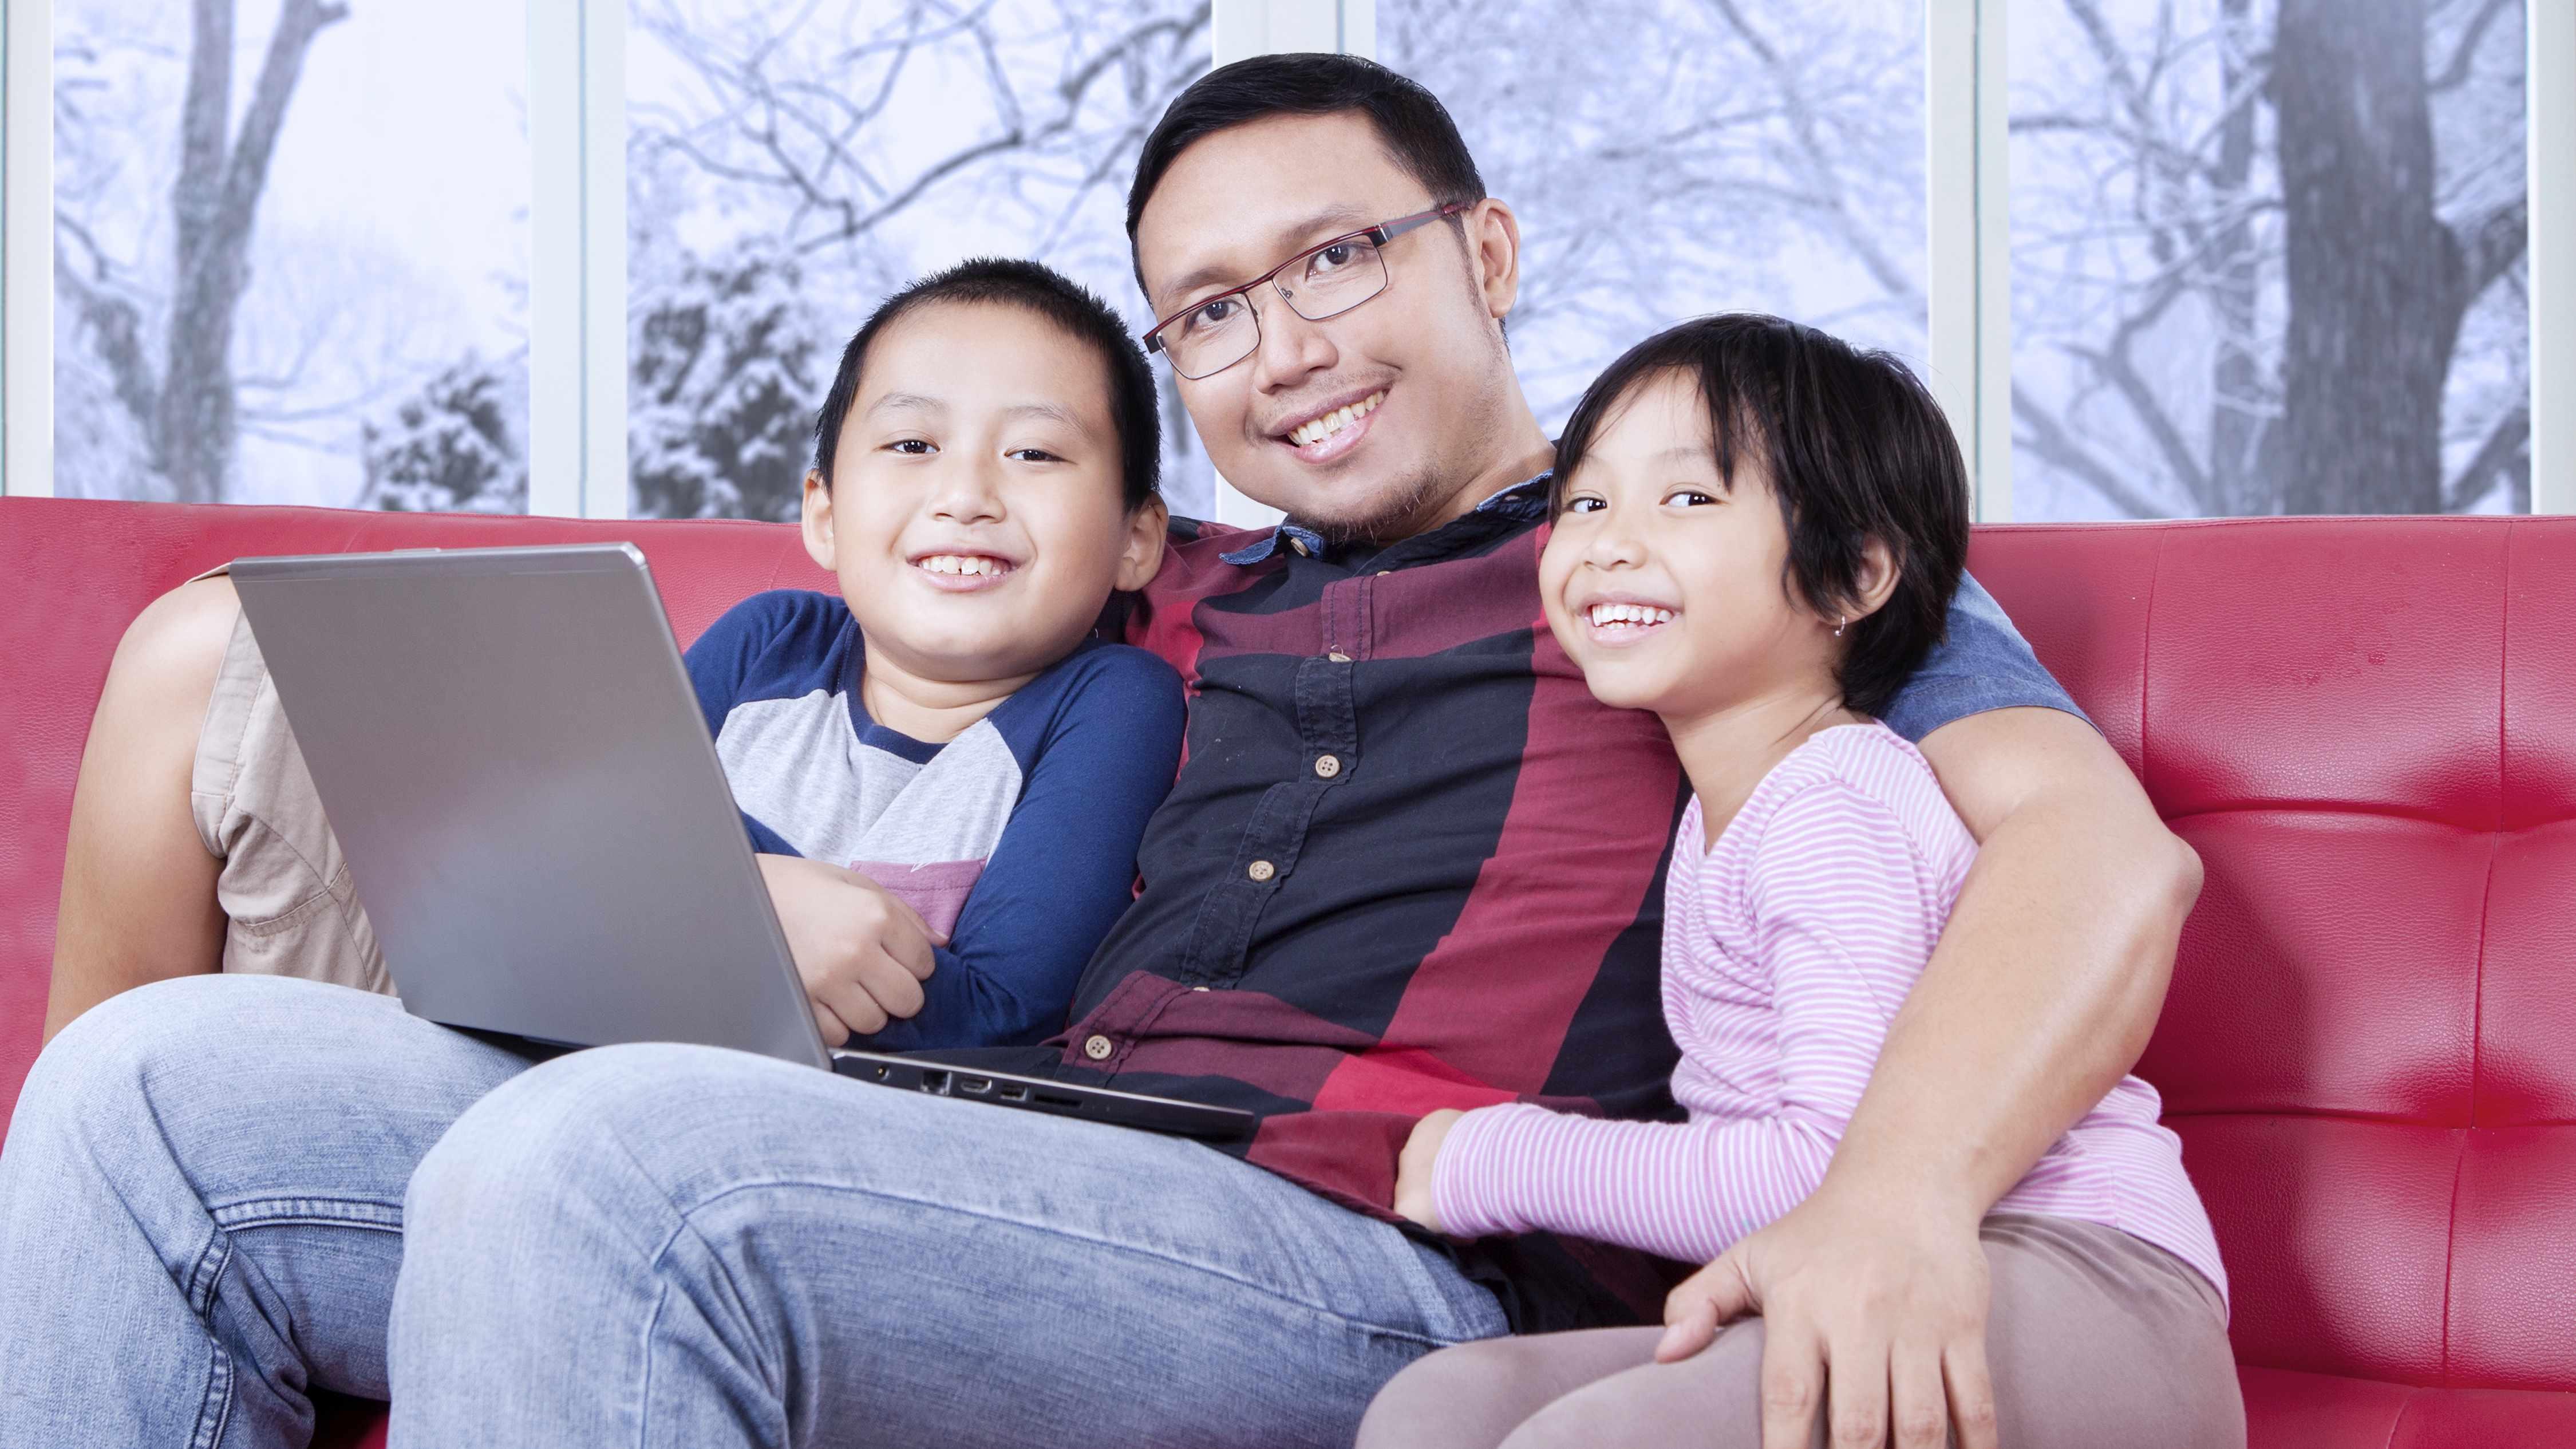 Un joven padre sentado en un sofá con sus hijos pequeños y una computadora portátil sobre las piernas sonríe y luce relajado